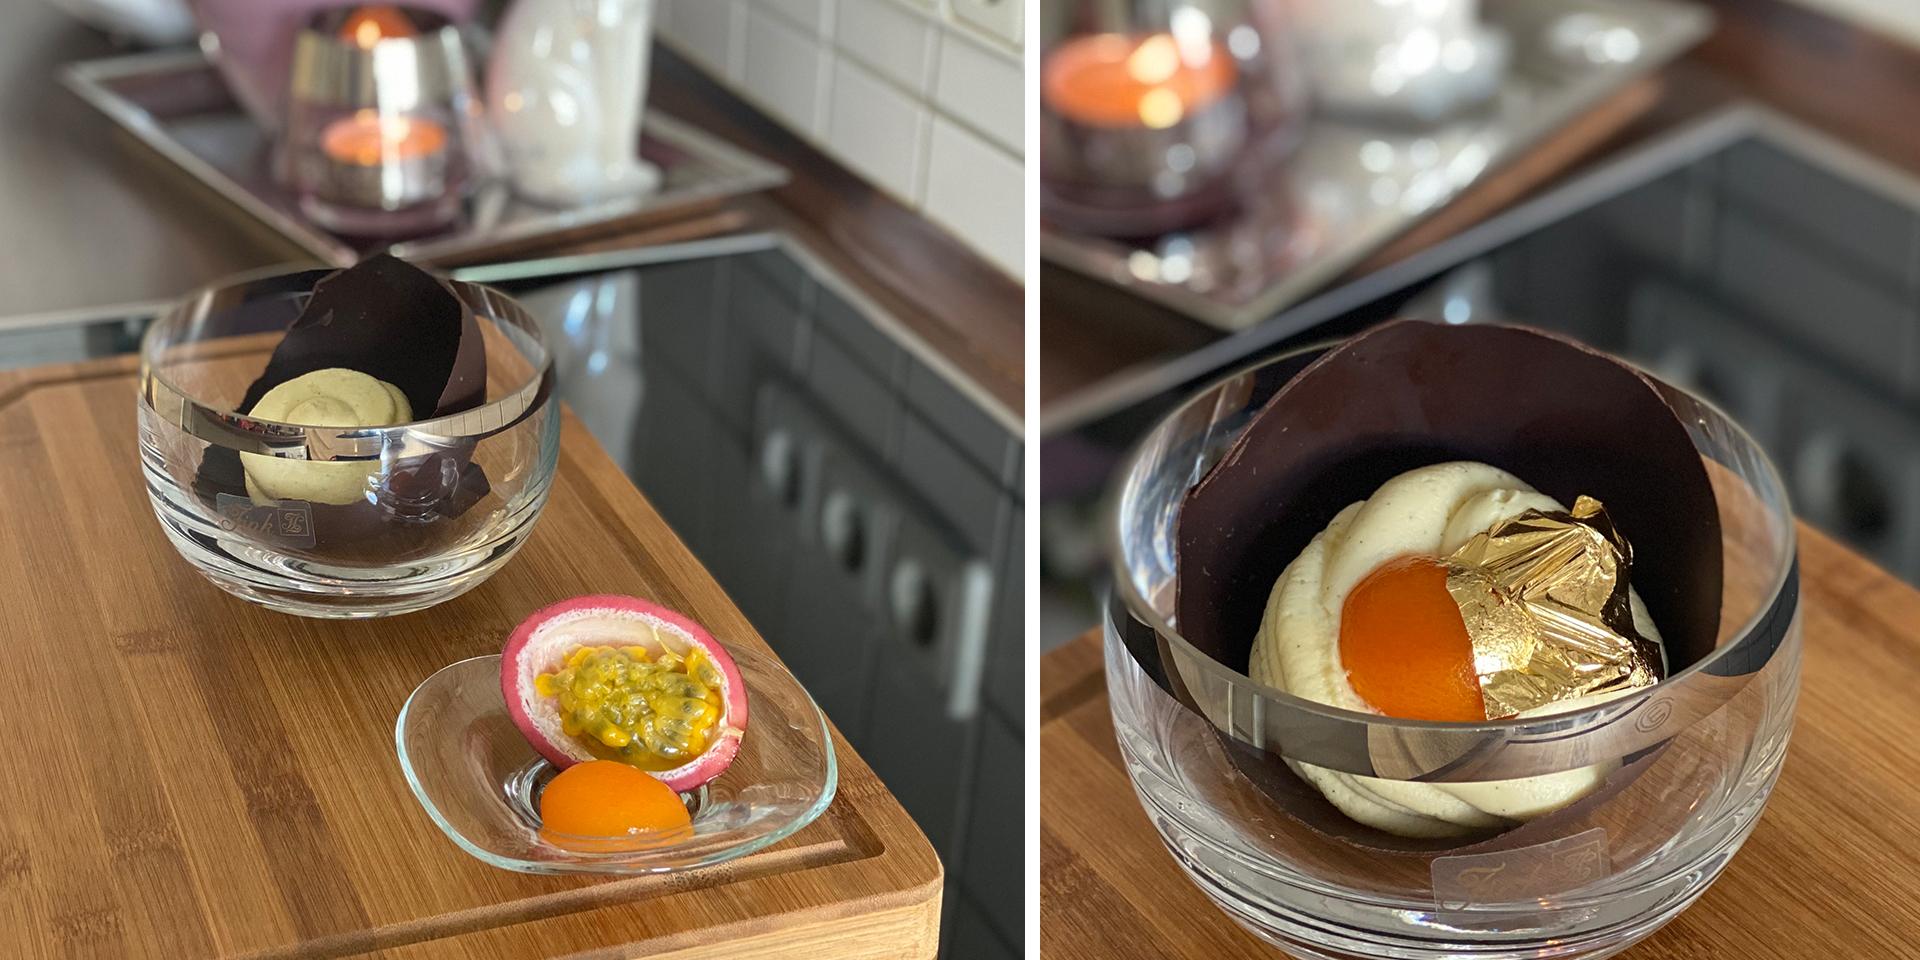 Süße Versuchung: Oster-Dessert zum Nachmachen